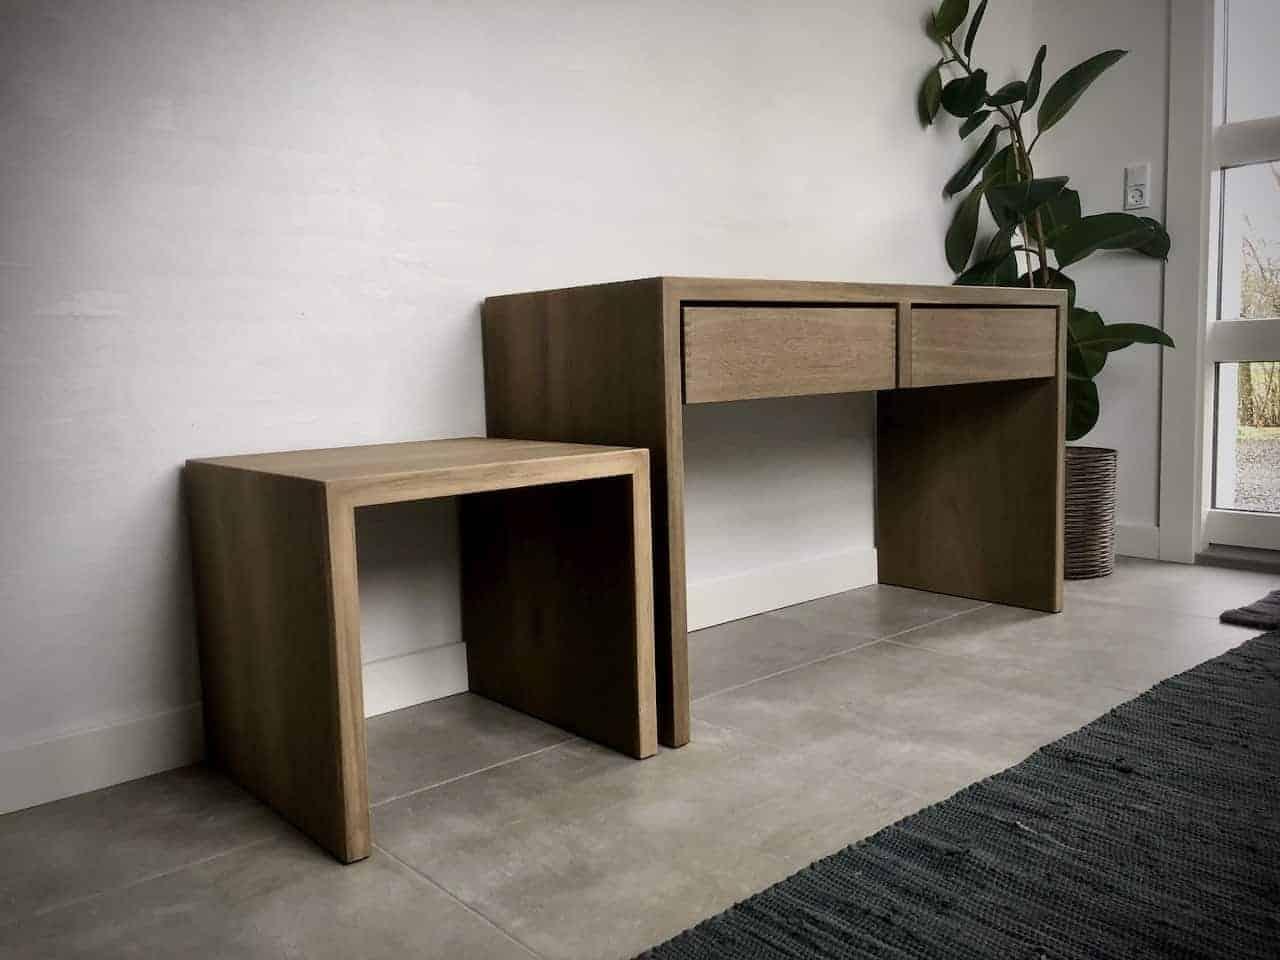 Vin sengebord talerstol seng hylde sofa skrivebord 7